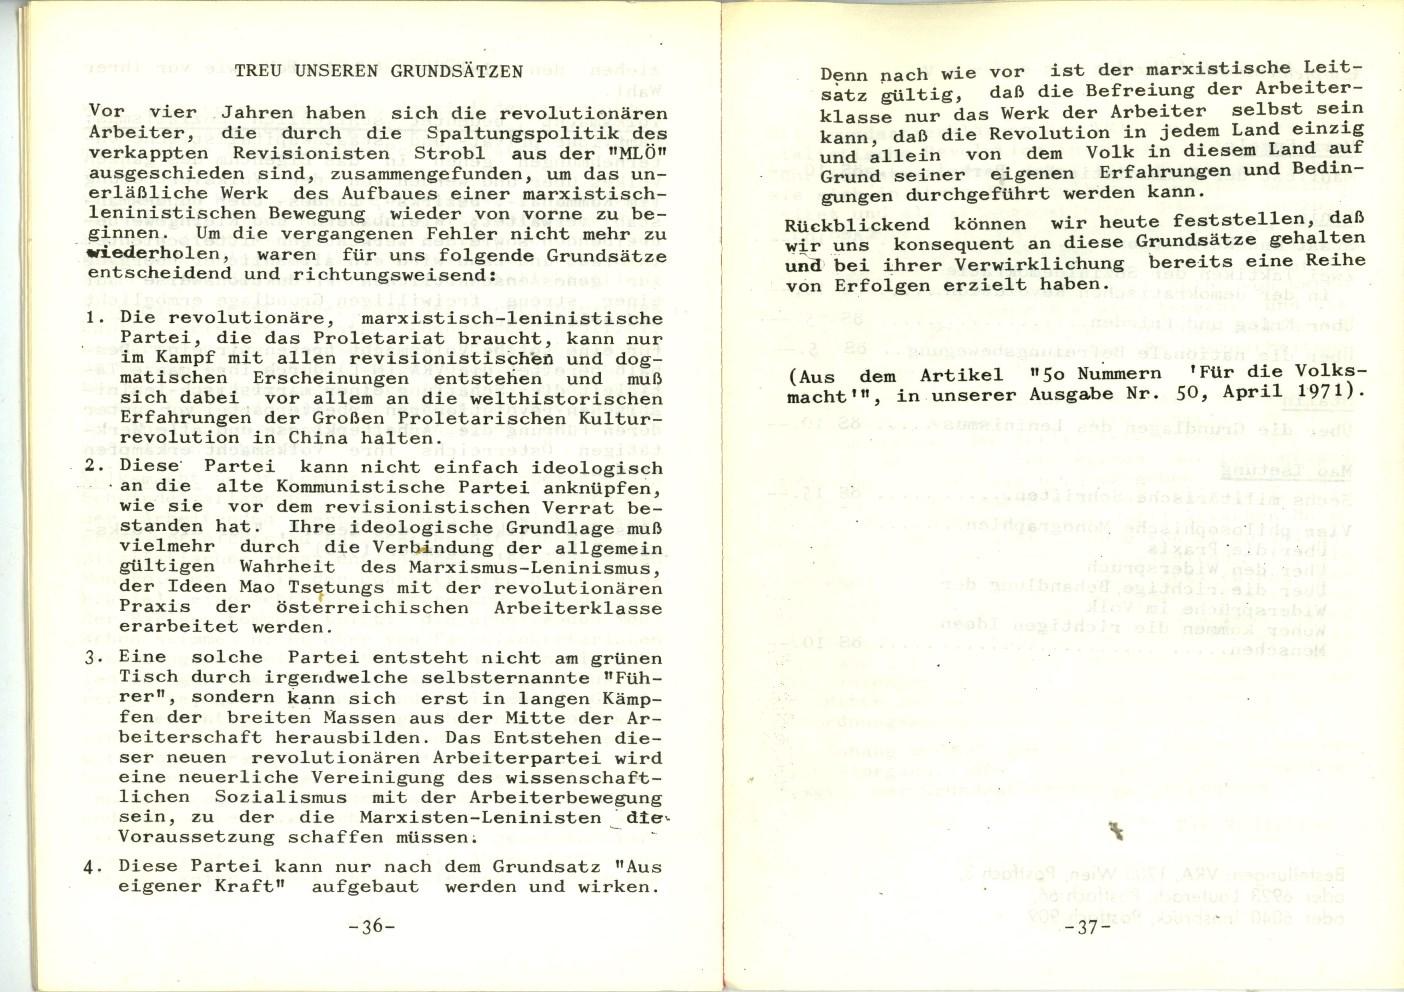 VRA_Grundsatzerklaerung_1971_20